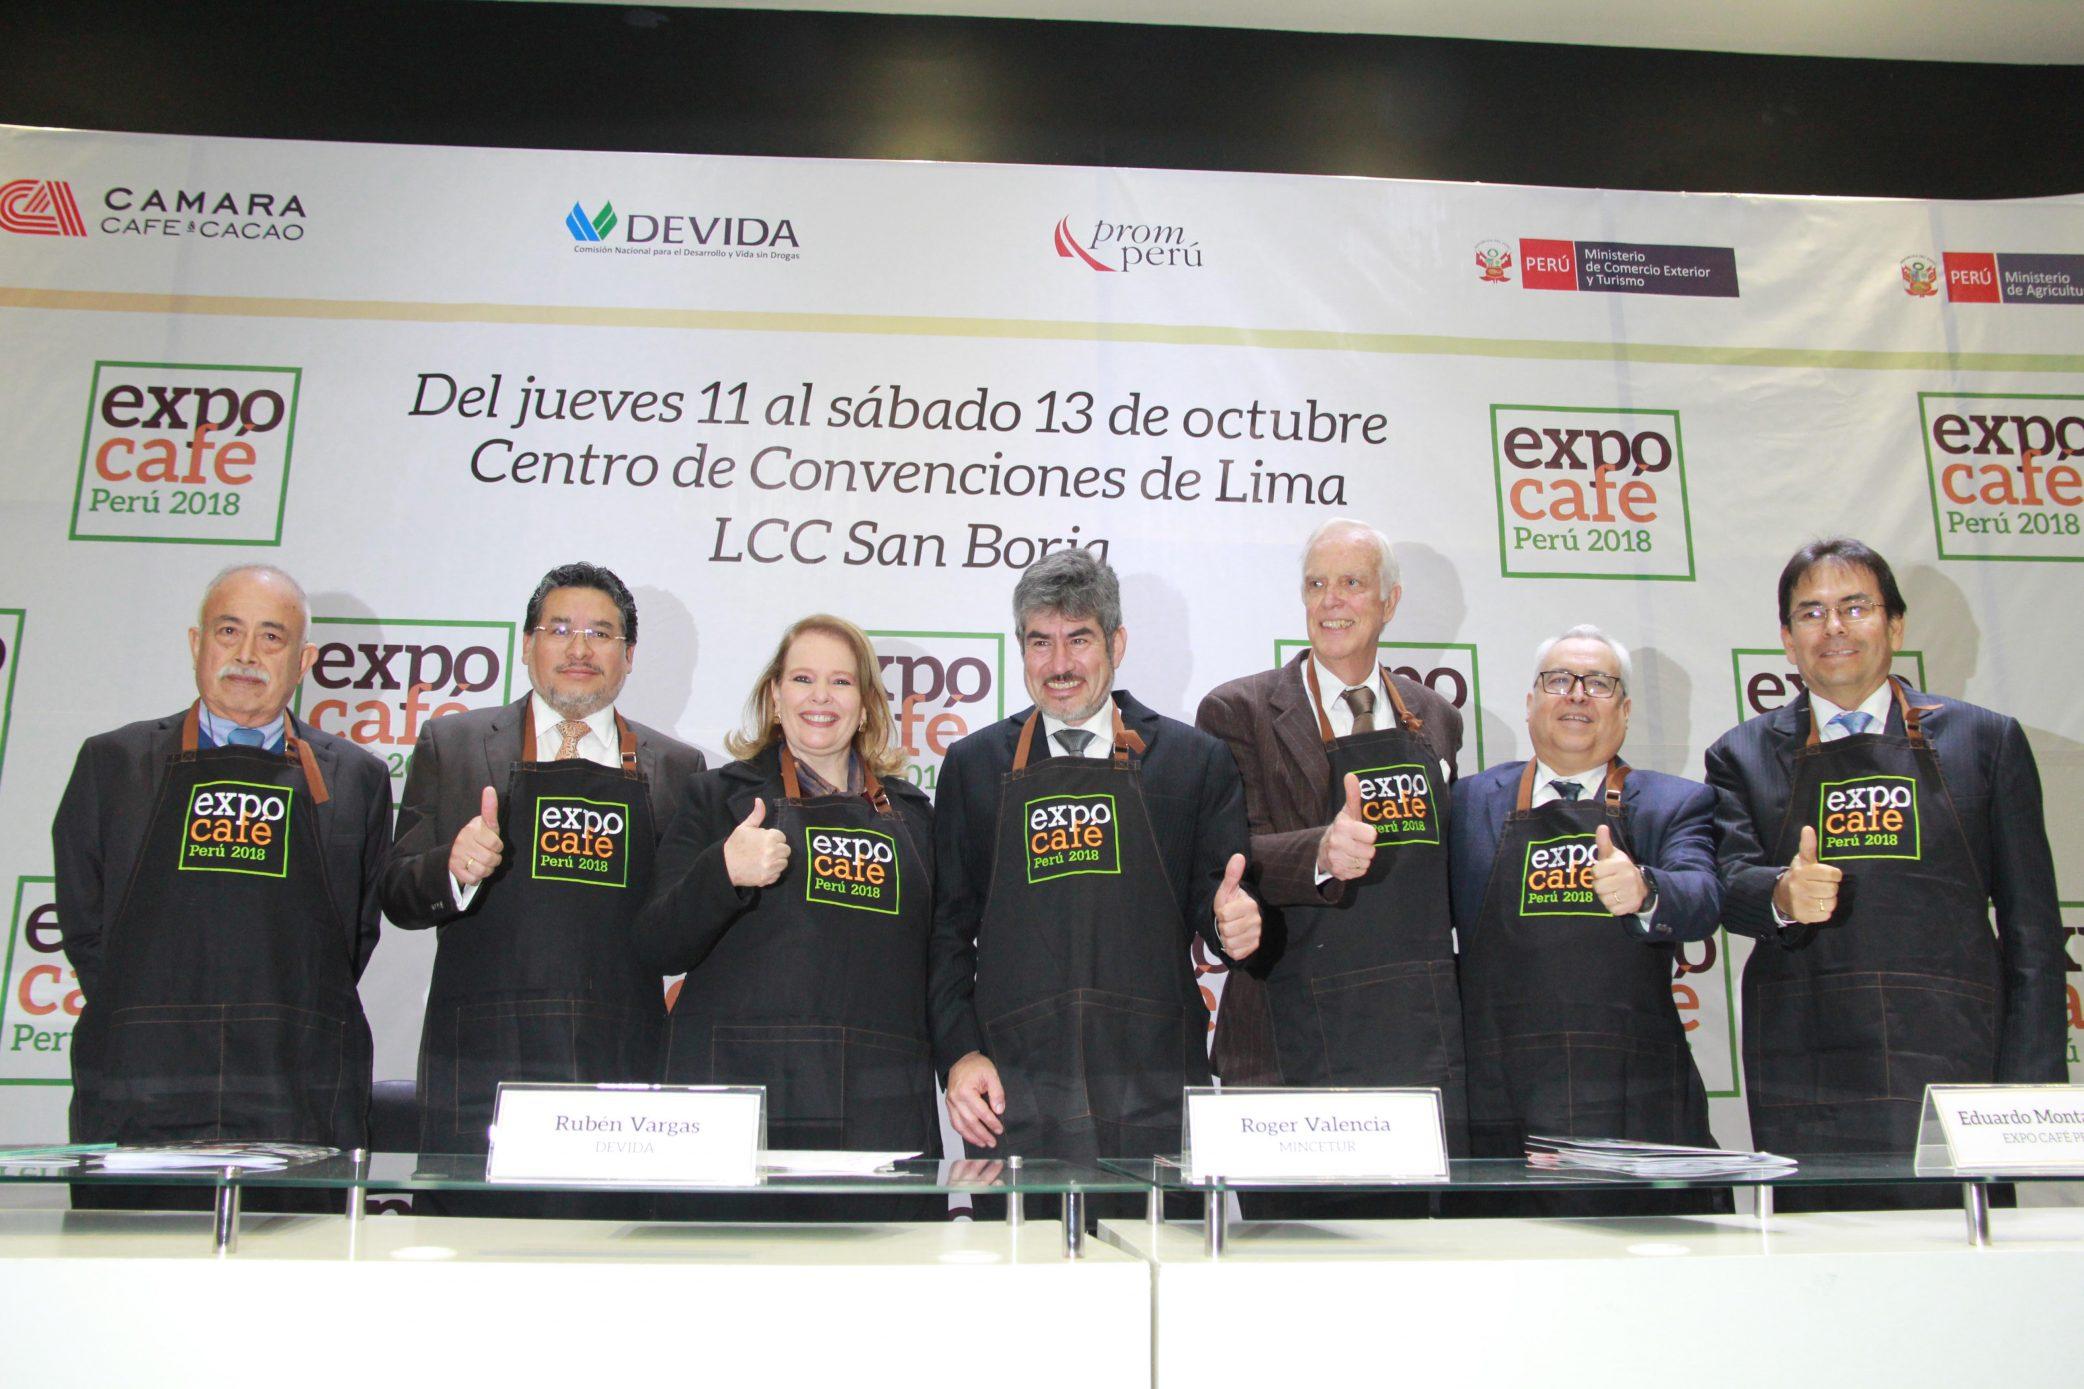 Mañana se inicia la Expo Café Perú 2018